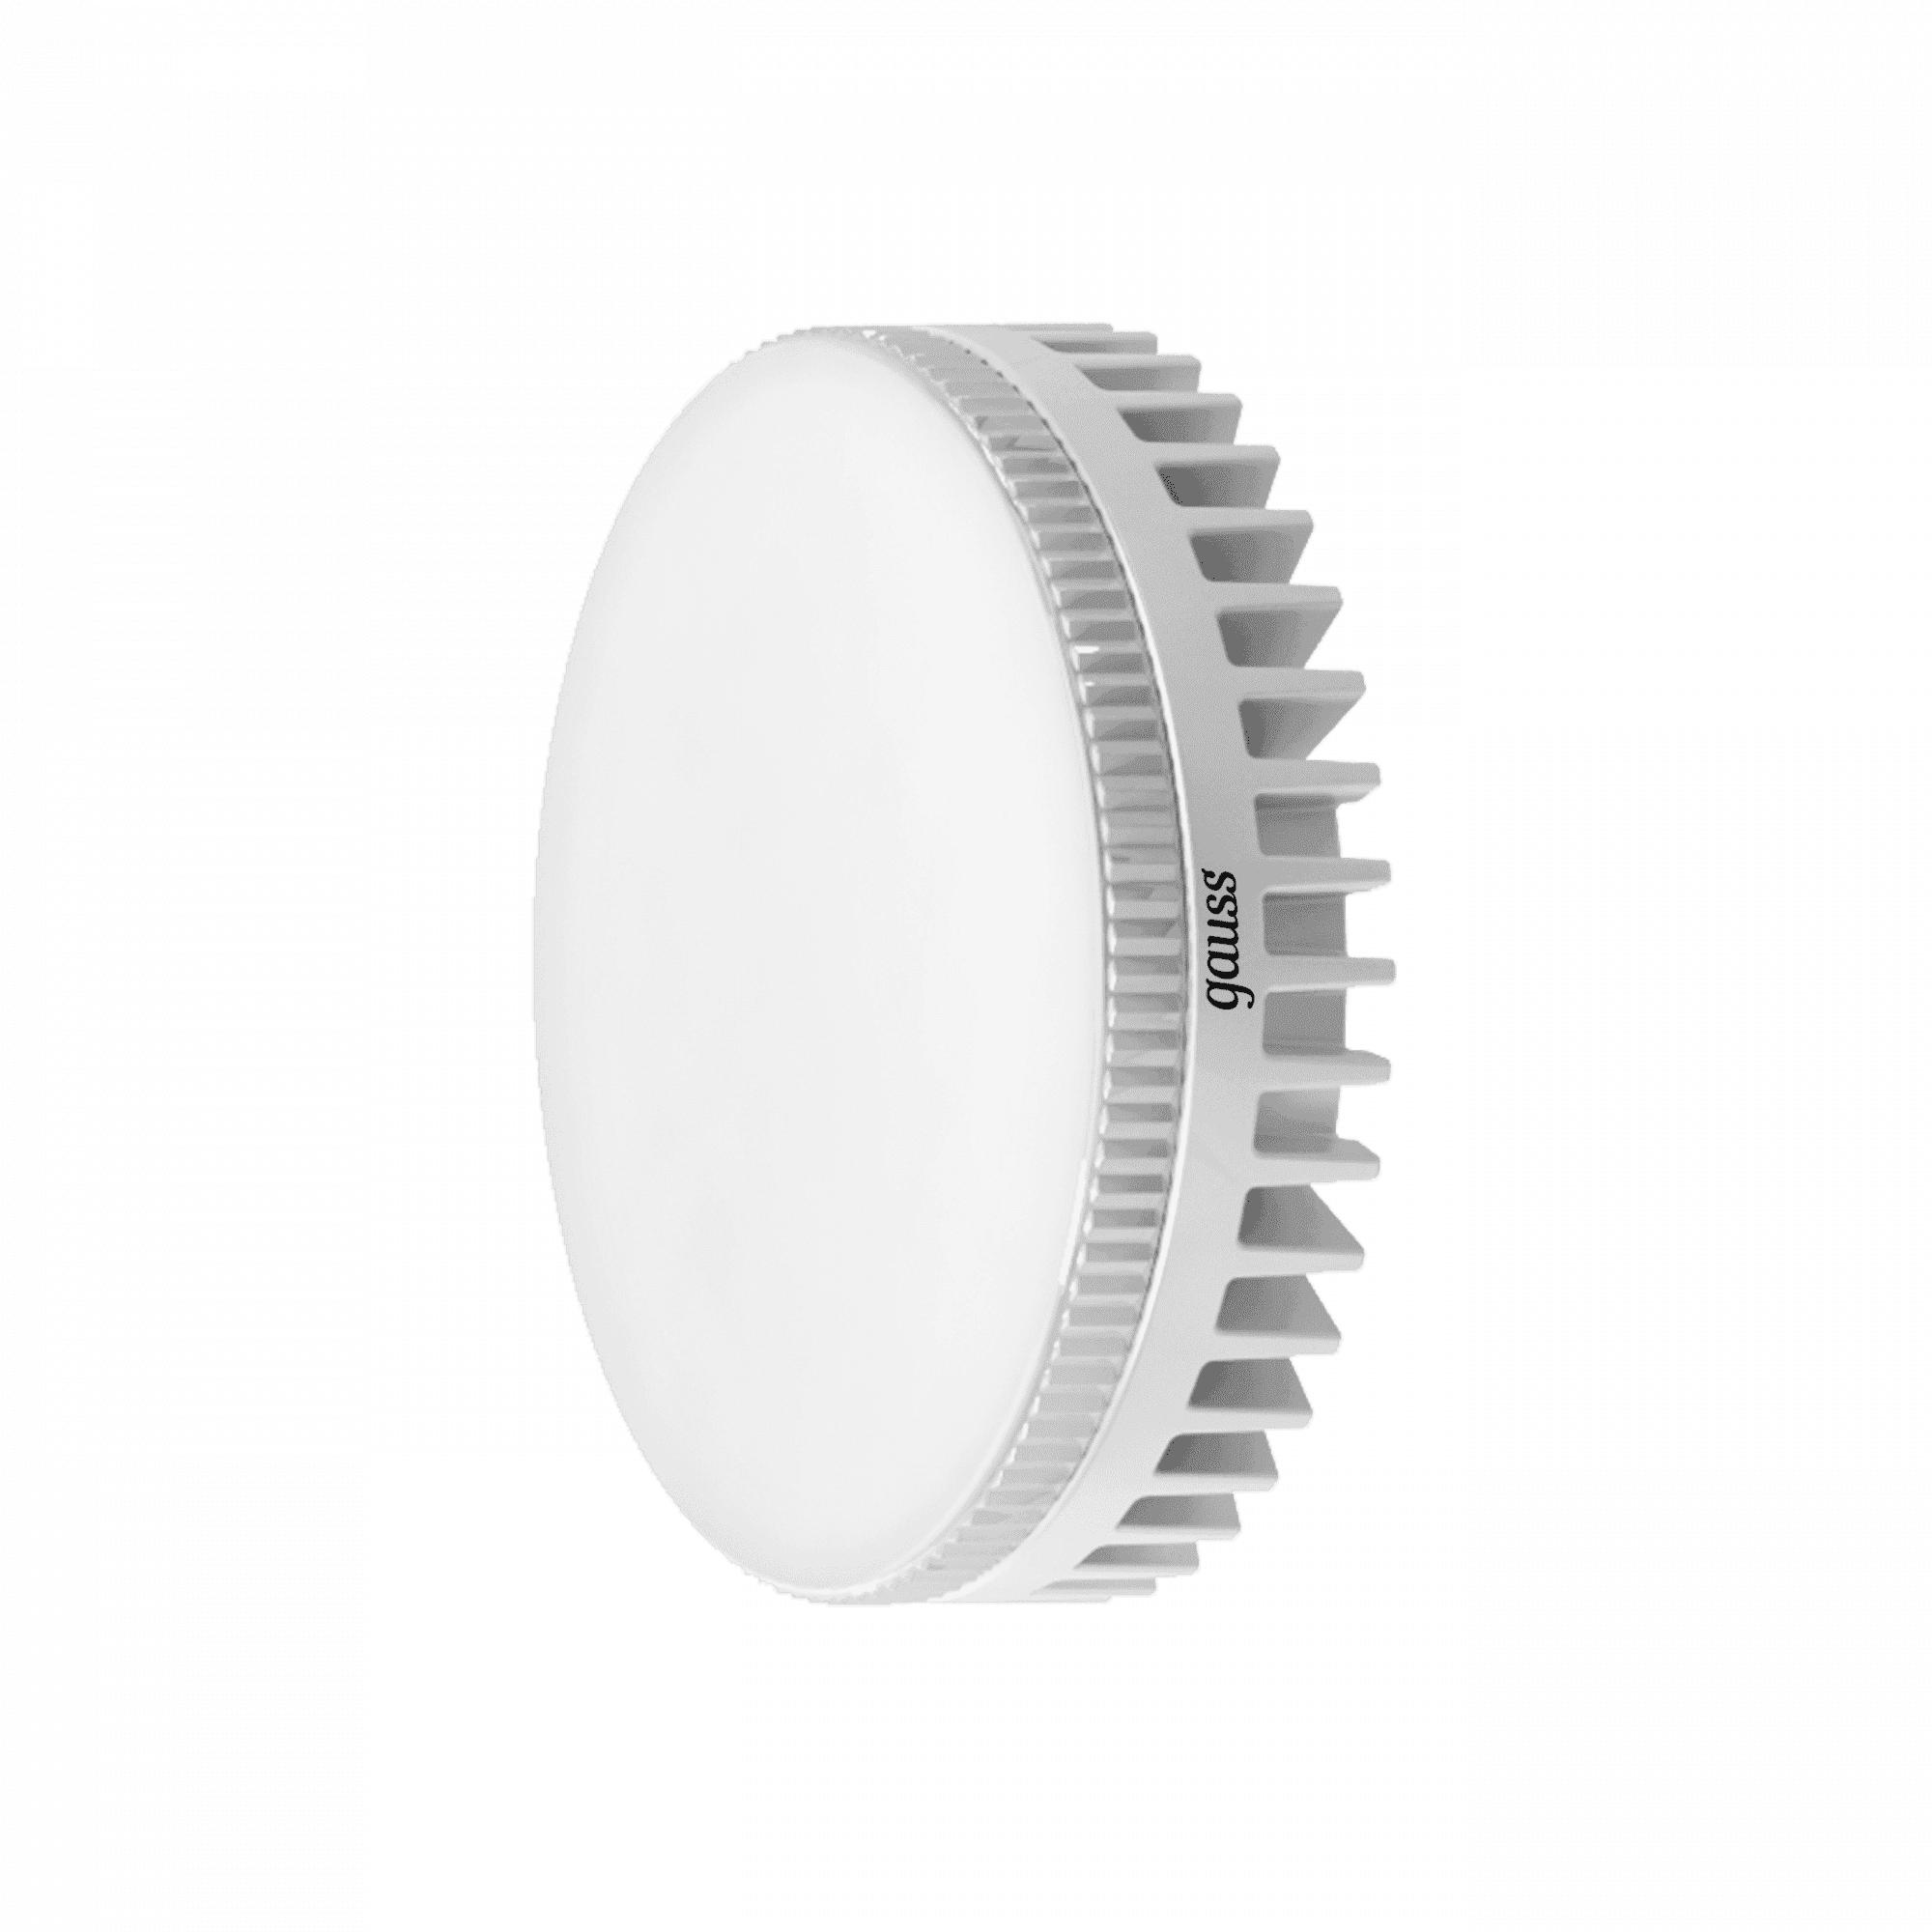 Gauss LED GX53 8W 2700K арт. LD108008108 Лампа